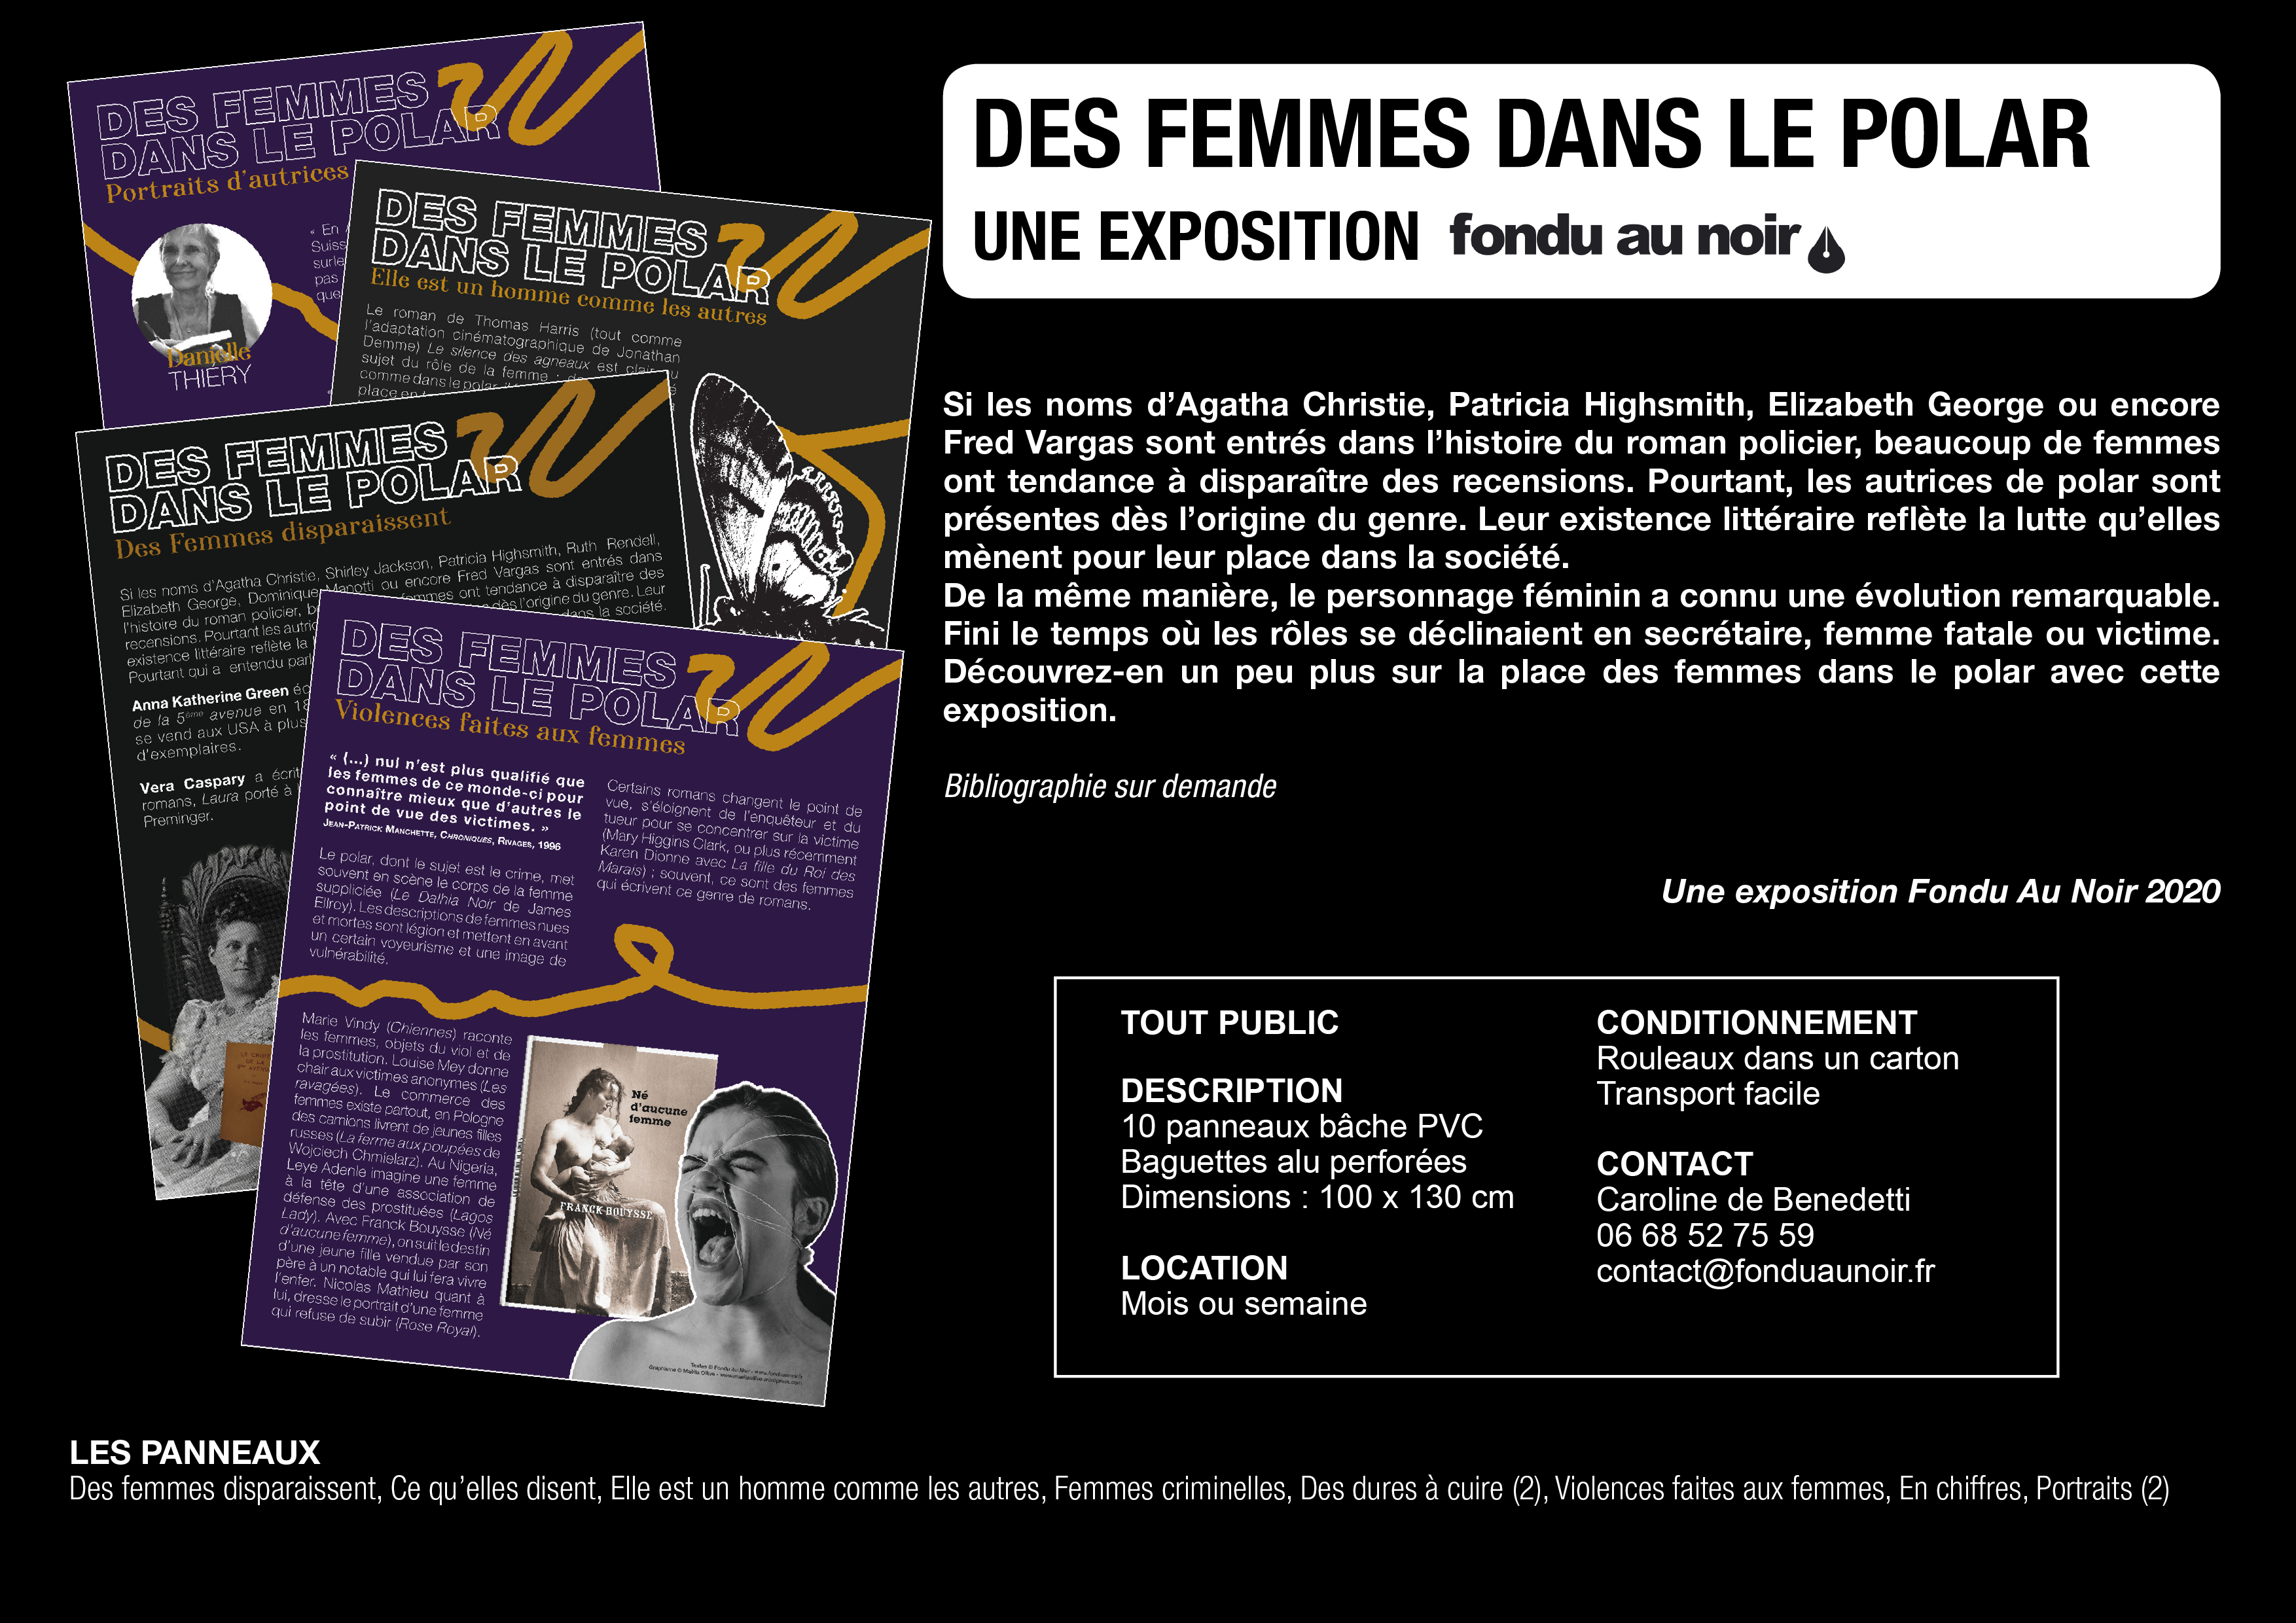 Des femmes dans le polar, la nouvelle exposition Fondu Au Noir